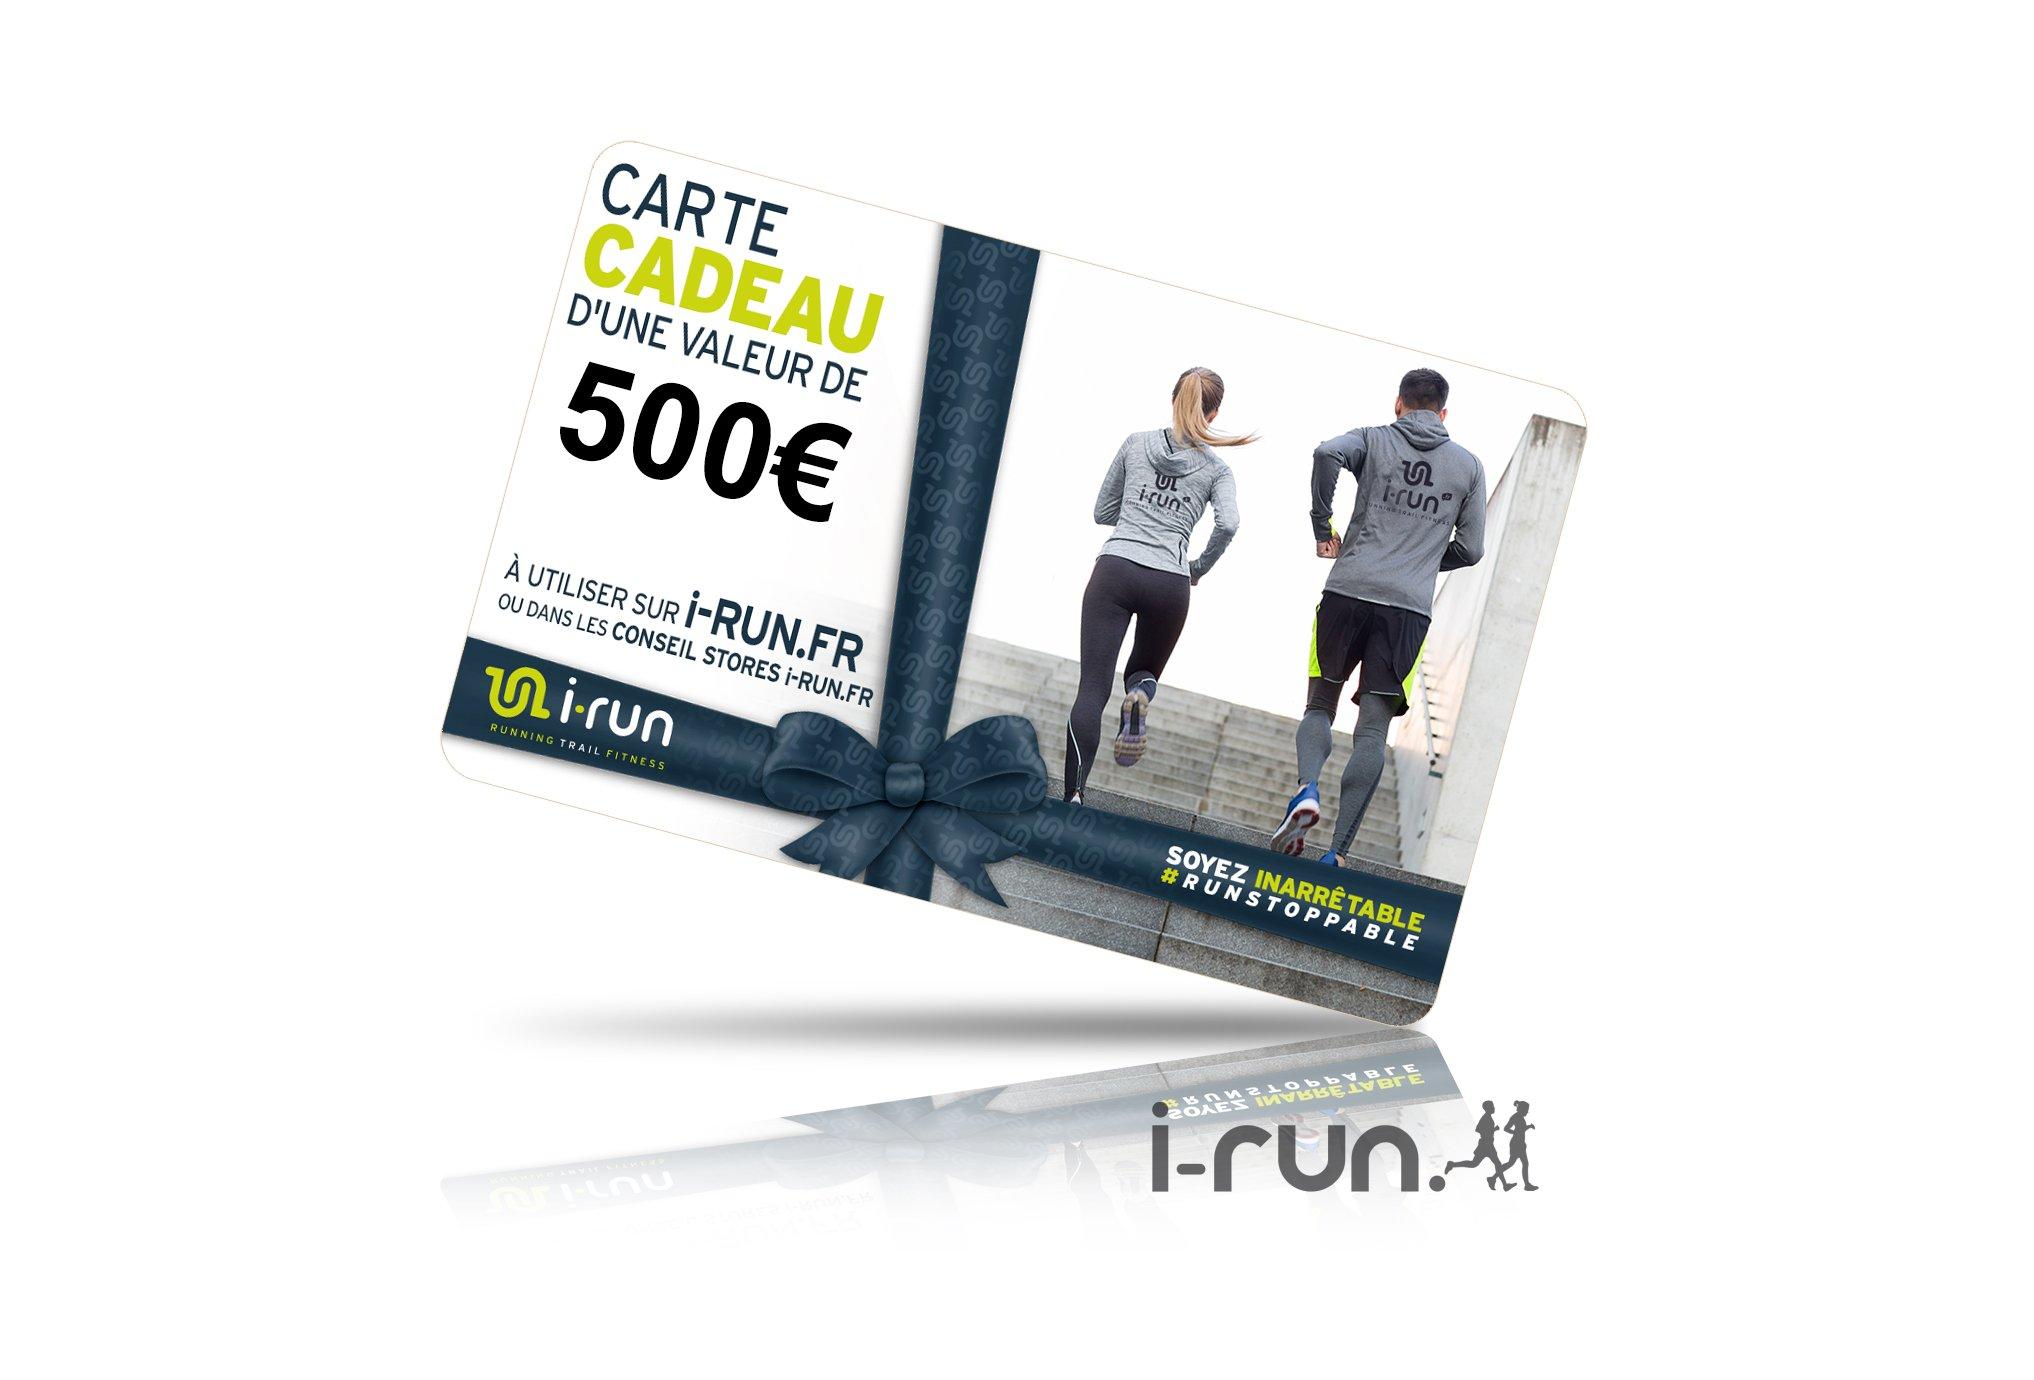 I-Run.Fr Carte cadeau 500 cartes cadeau